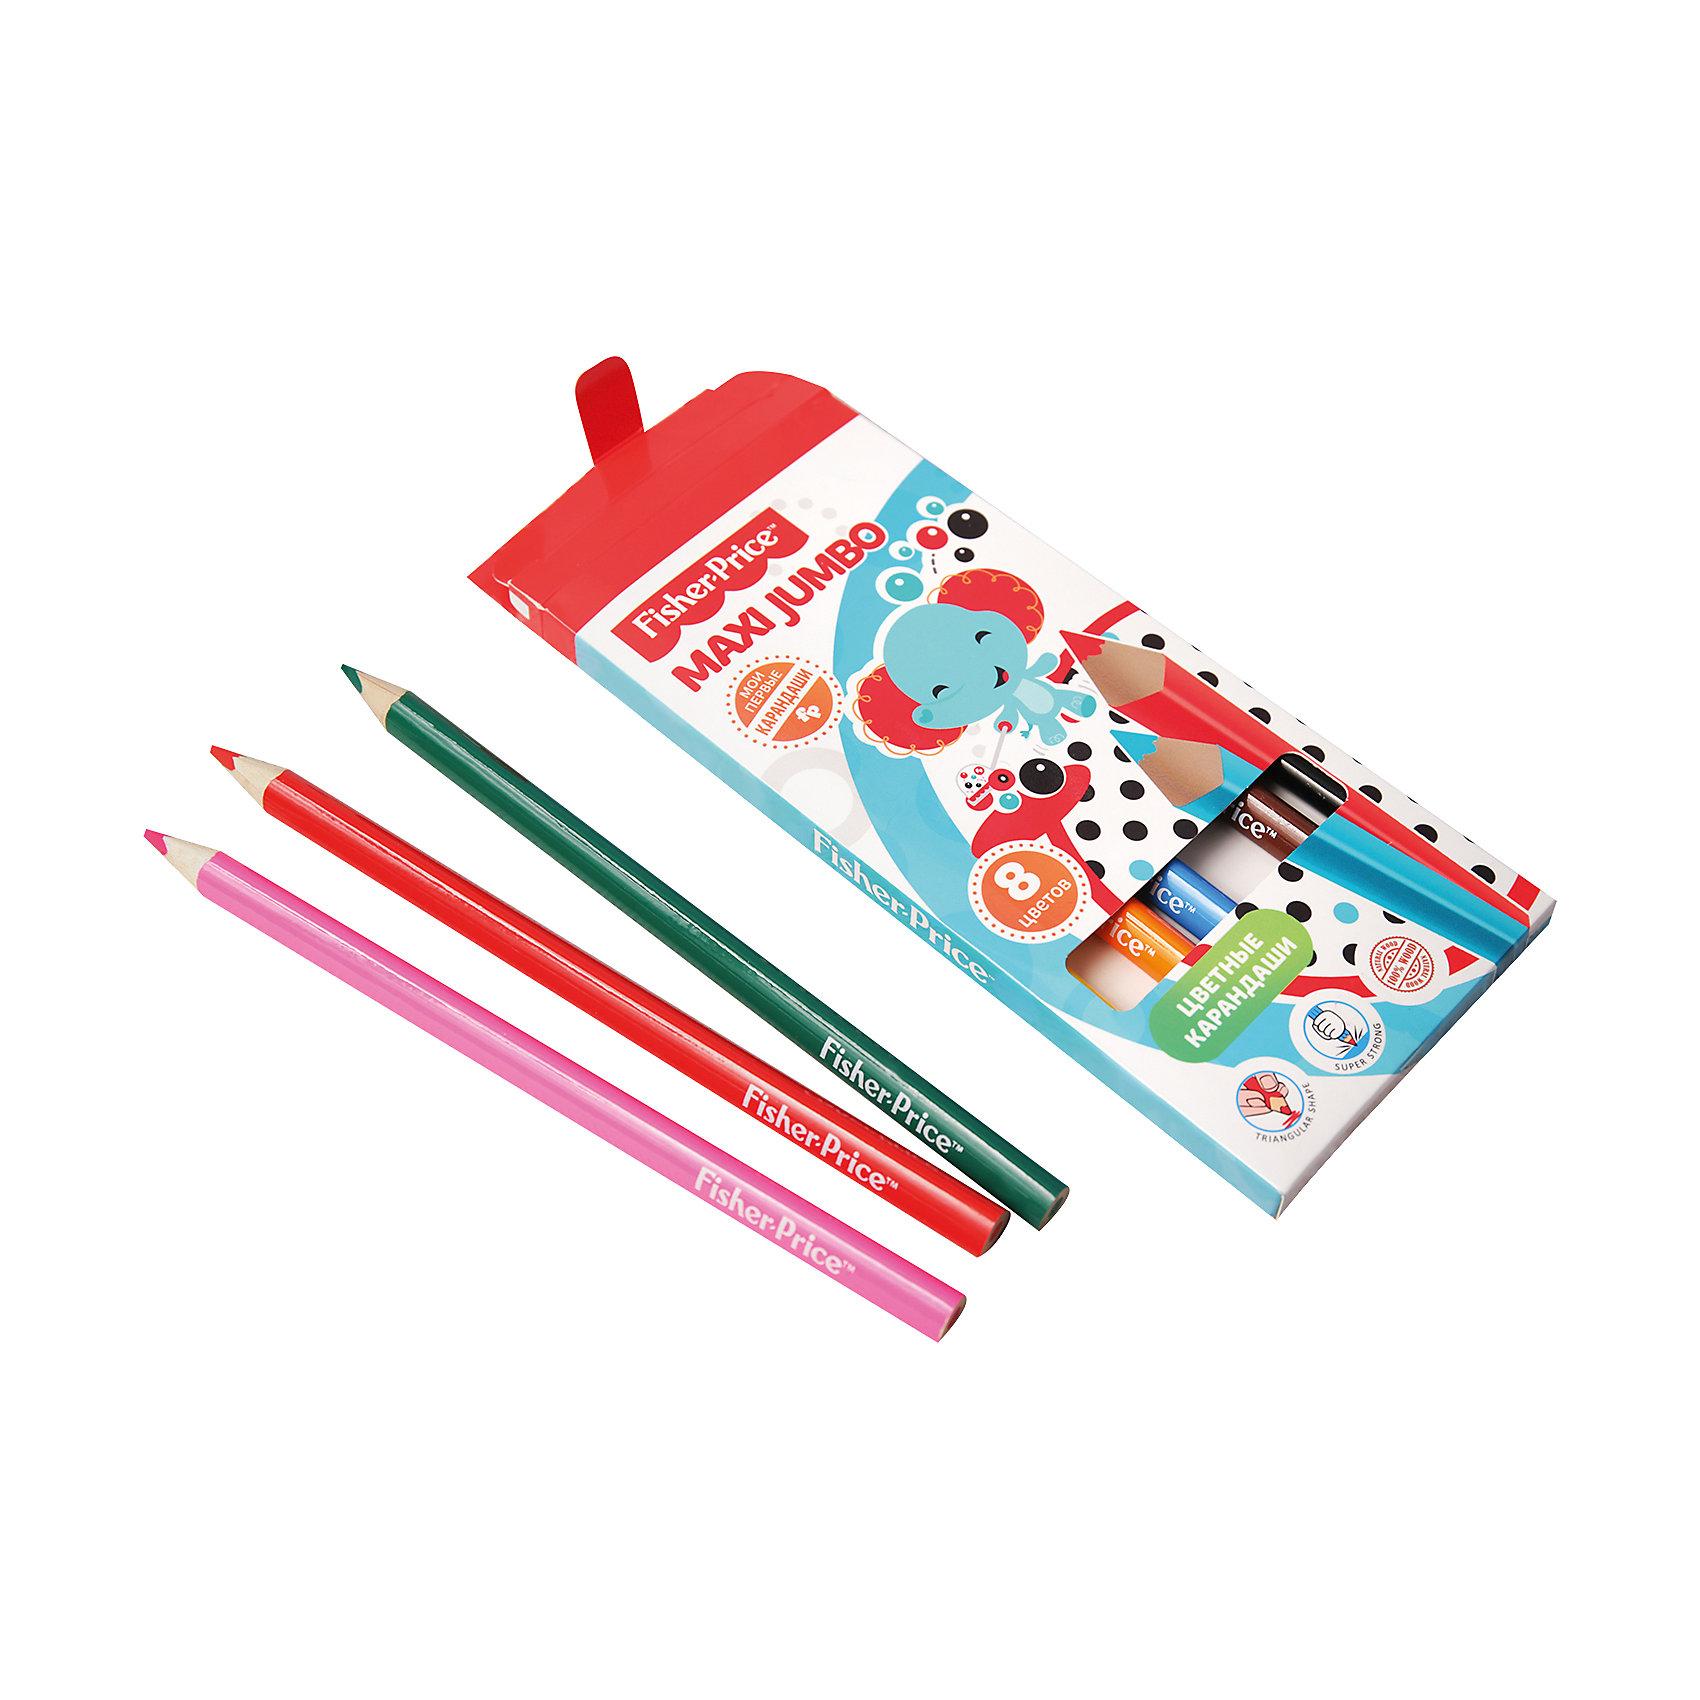 Цветные карандаши Jumbo Fisher Price, 8 цветовПисьменные принадлежности<br>Характеристики:<br><br>• возраст: от 3 лет<br>• в наборе: 8 карандашей<br>• цвета: желтый, оранжевый, розовый, красный, синий, зеленый, коричневый, черный<br>• материал корпуса: древесина<br>• длина: 21 см.<br>• диаметр: 6 мм.<br>• упаковка: картонная коробка<br>• размер упаковки: 21х7,7х1,2 см.<br>• вес: 80 гр.<br><br>Цветные карандаши Maxi Jumbo Fisher Price с утолщенным деревянным корпусом, специально разработанные для маленьких детей. Карандаши имеют эргономичную, трехгранную форму корпуса, наиболее естественную для меленьких детей. Мягкий ударопрочный грифель не ломается при падении и легко затачивается любым видом точилки.<br><br>Цветные карандаши Maxi Jumbo Fisher Price помогут развить юным художникам творческие способности, цветовое восприятие, фантазию и воображение с самого раннего возраста.<br><br>Цветные карандаши Jumbo Fisher Price, 8 цветов можно купить в нашем интернет-магазине.<br><br>Ширина мм: 210<br>Глубина мм: 77<br>Высота мм: 12<br>Вес г: 80<br>Возраст от месяцев: 0<br>Возраст до месяцев: 72<br>Пол: Унисекс<br>Возраст: Детский<br>SKU: 7029899